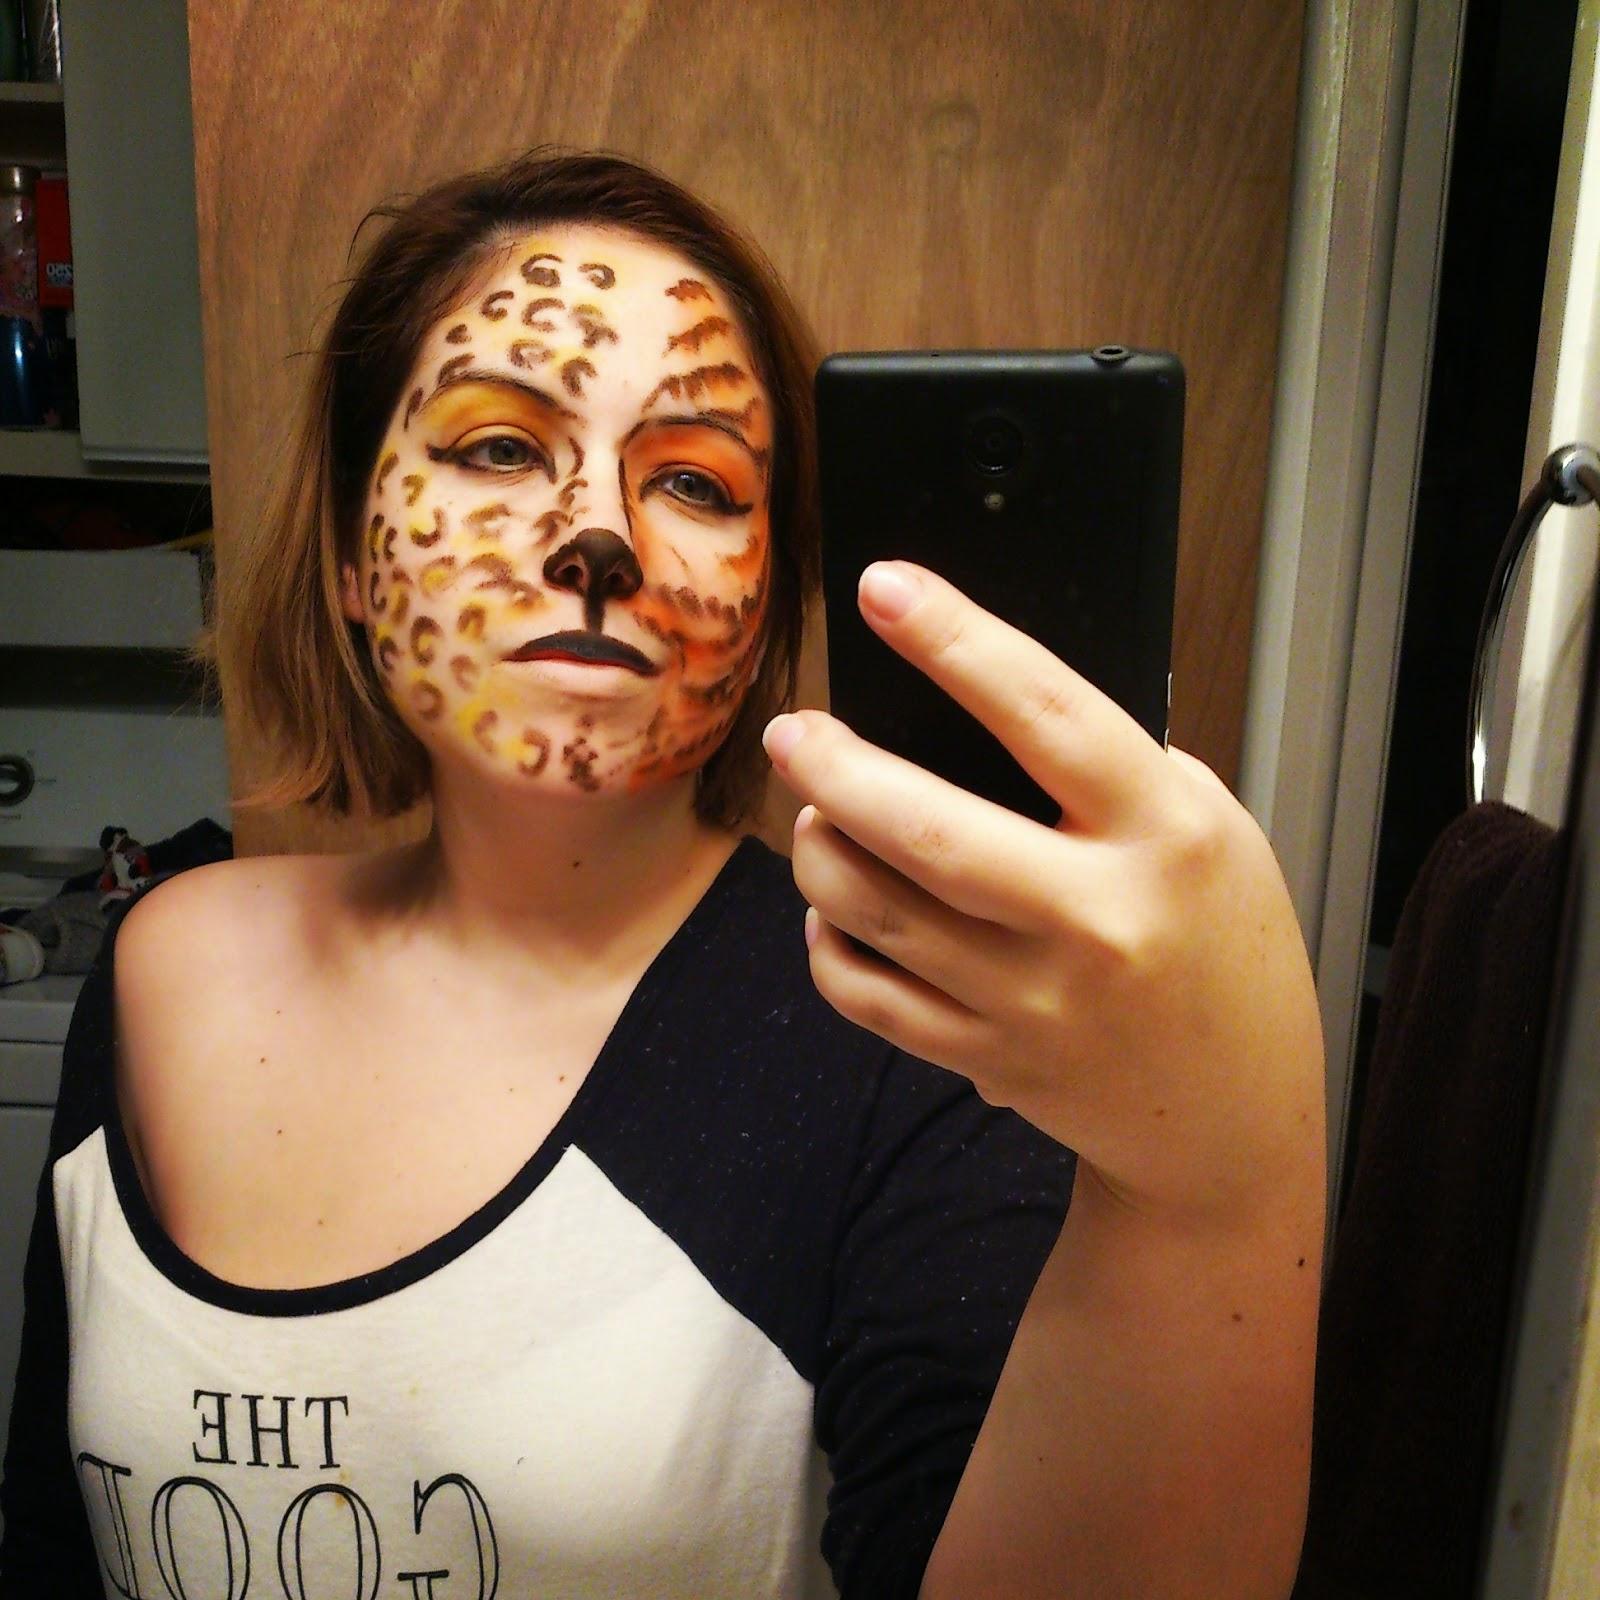 Maquillage halloween les f lins etre radieuse par josianne brousseau - Maquillage deguisement visage ...